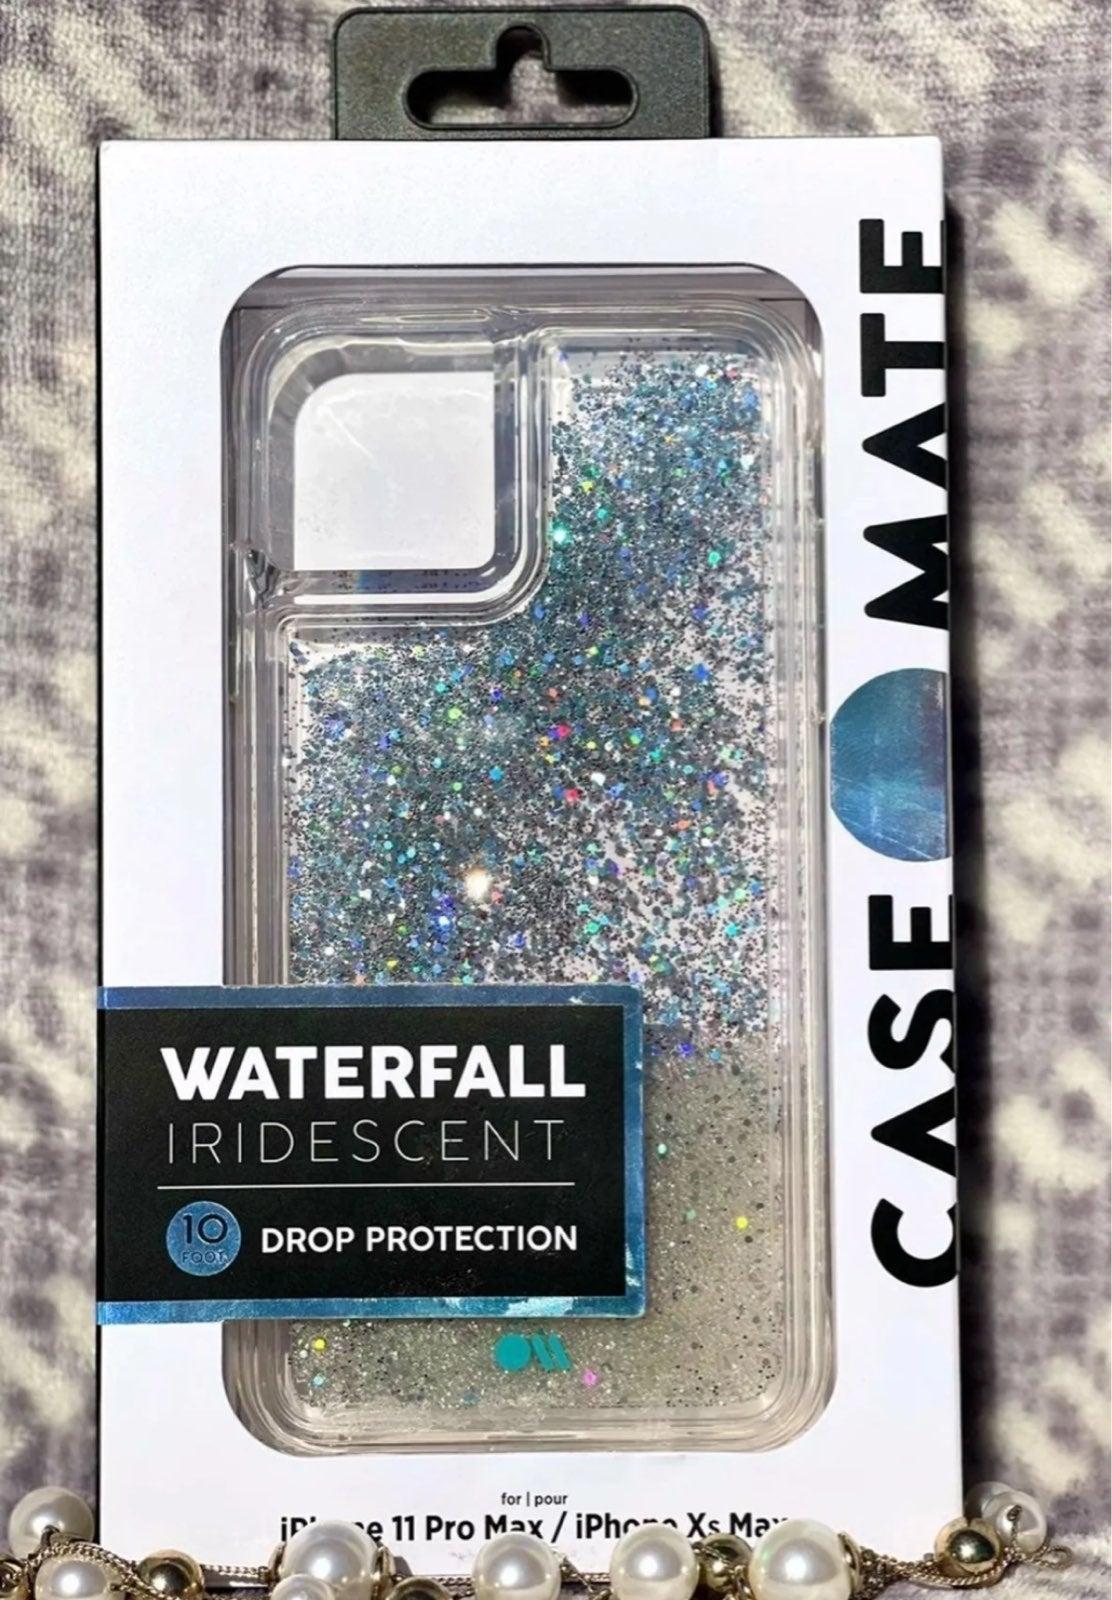 Case Mate WaterFall Iridesecent phone